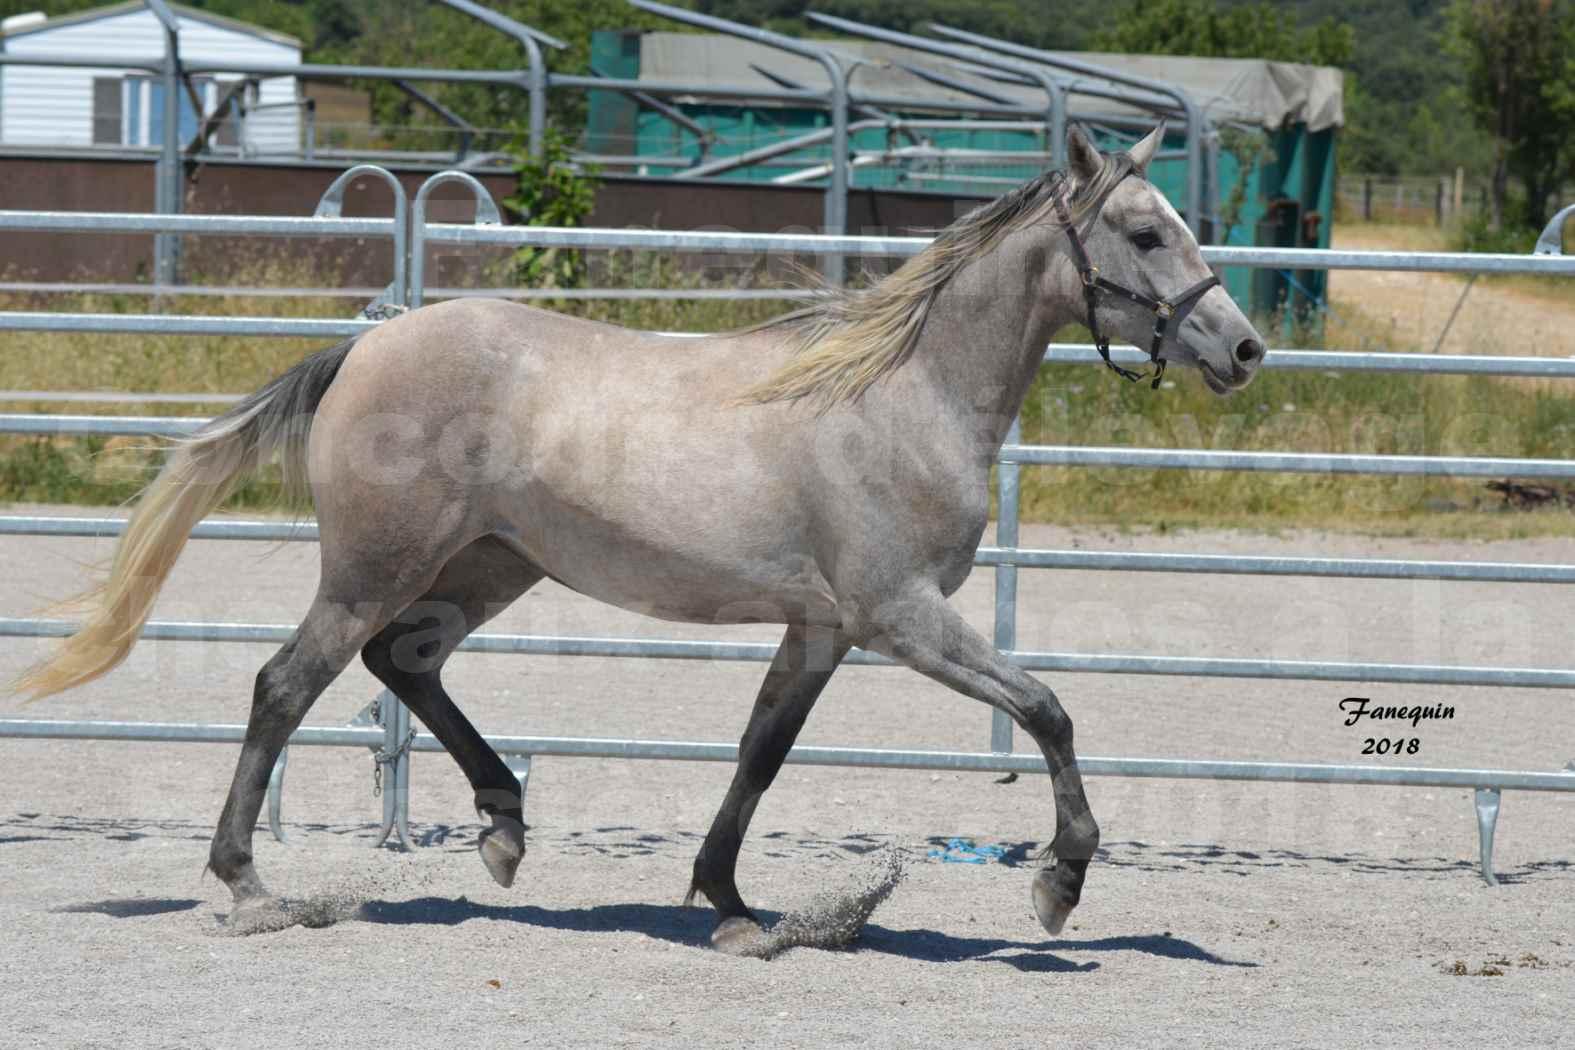 Concours d'Elevage de chevaux Arabes  le 27 juin 2018 à la BOISSIERE - GAZAK D'AURIERES - 08